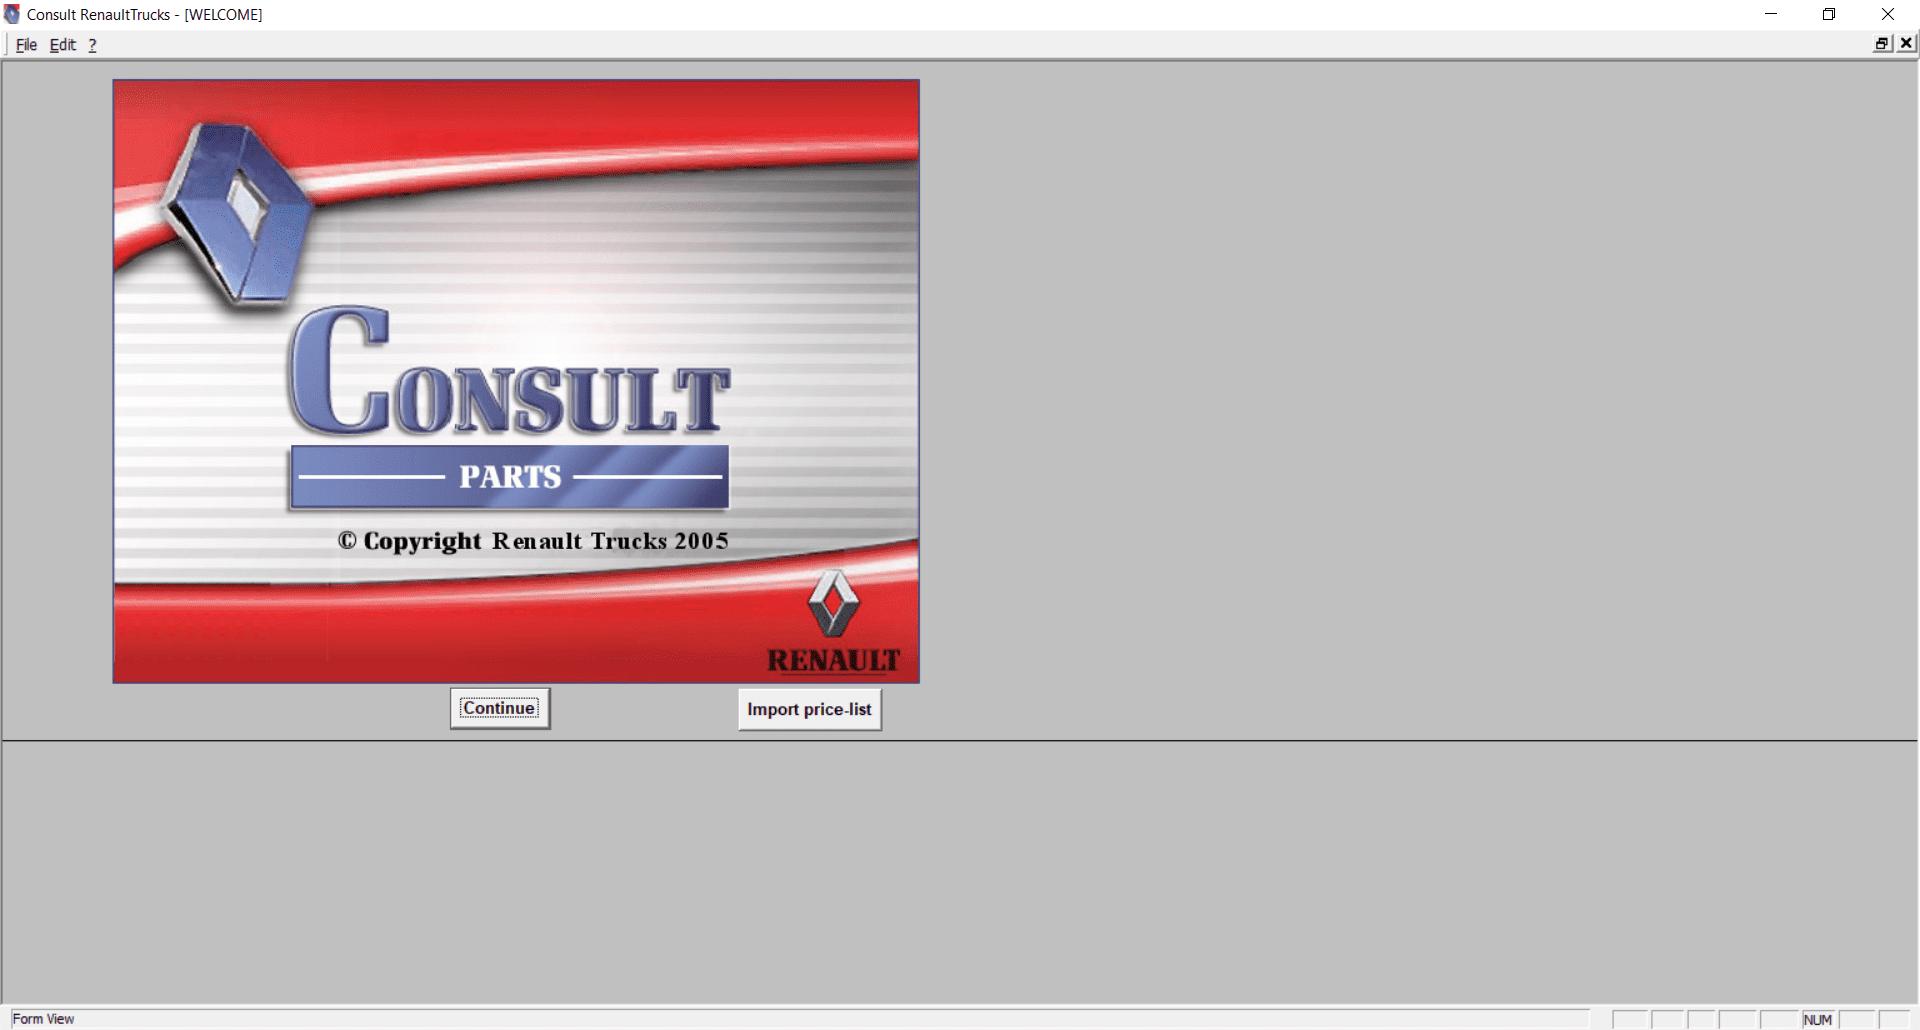 RENAULT_Consult_RVI_Trucks_1020181